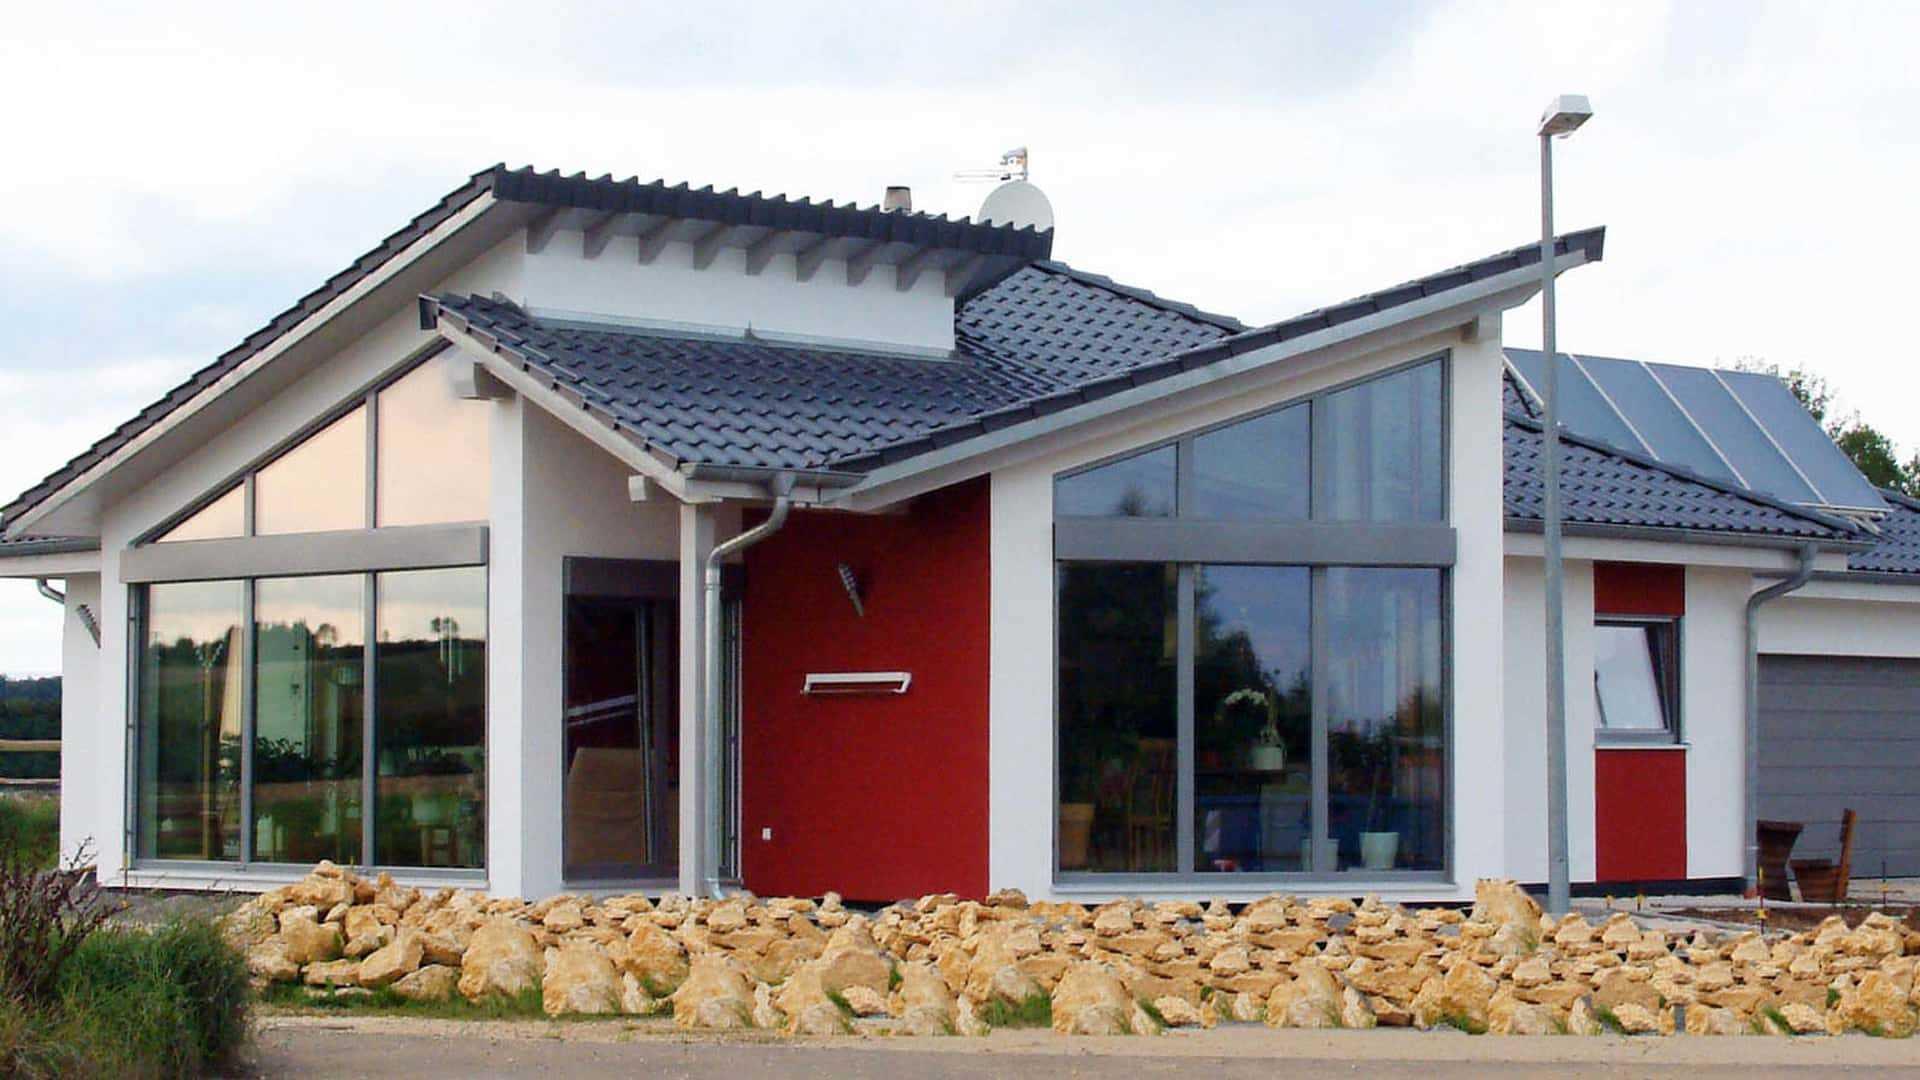 modernes pultdachhaus mithilfe von bauen. Black Bedroom Furniture Sets. Home Design Ideas